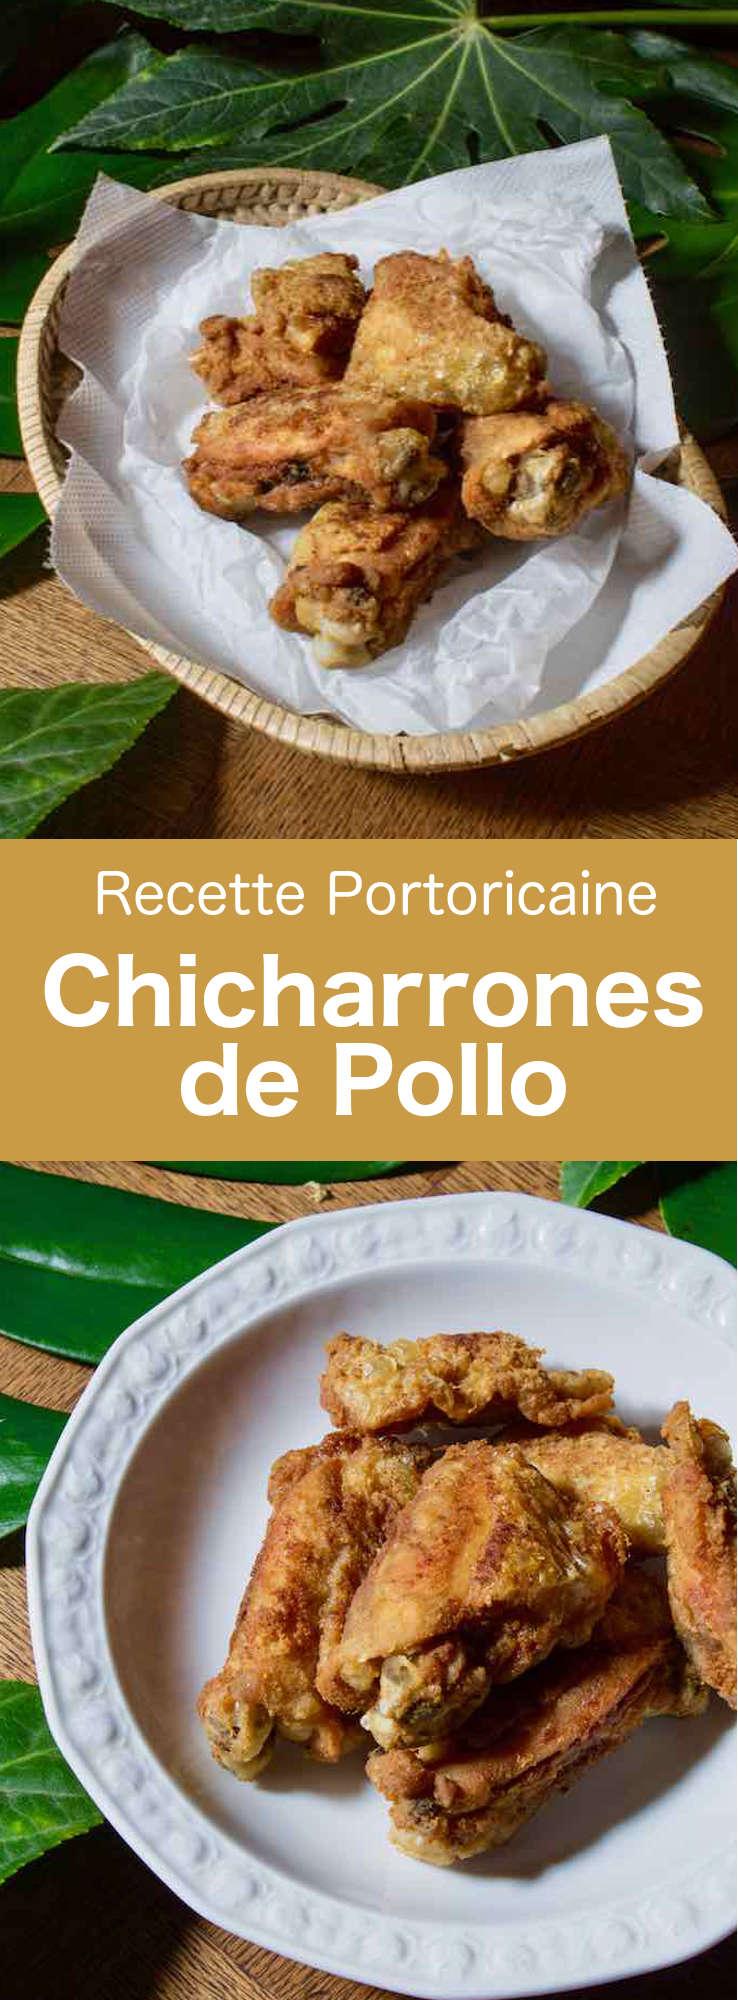 Le chicharron de pollo est un morceau de poulet mariné, puis pané et frit qui est traditionnel chez les Portoricains, Cubains et Dominicains. #PortoRico #CuisinePortoricaine #RecettePortoRicaine #RecetteDesCaraibes #CuisineDuMonde #196flavors